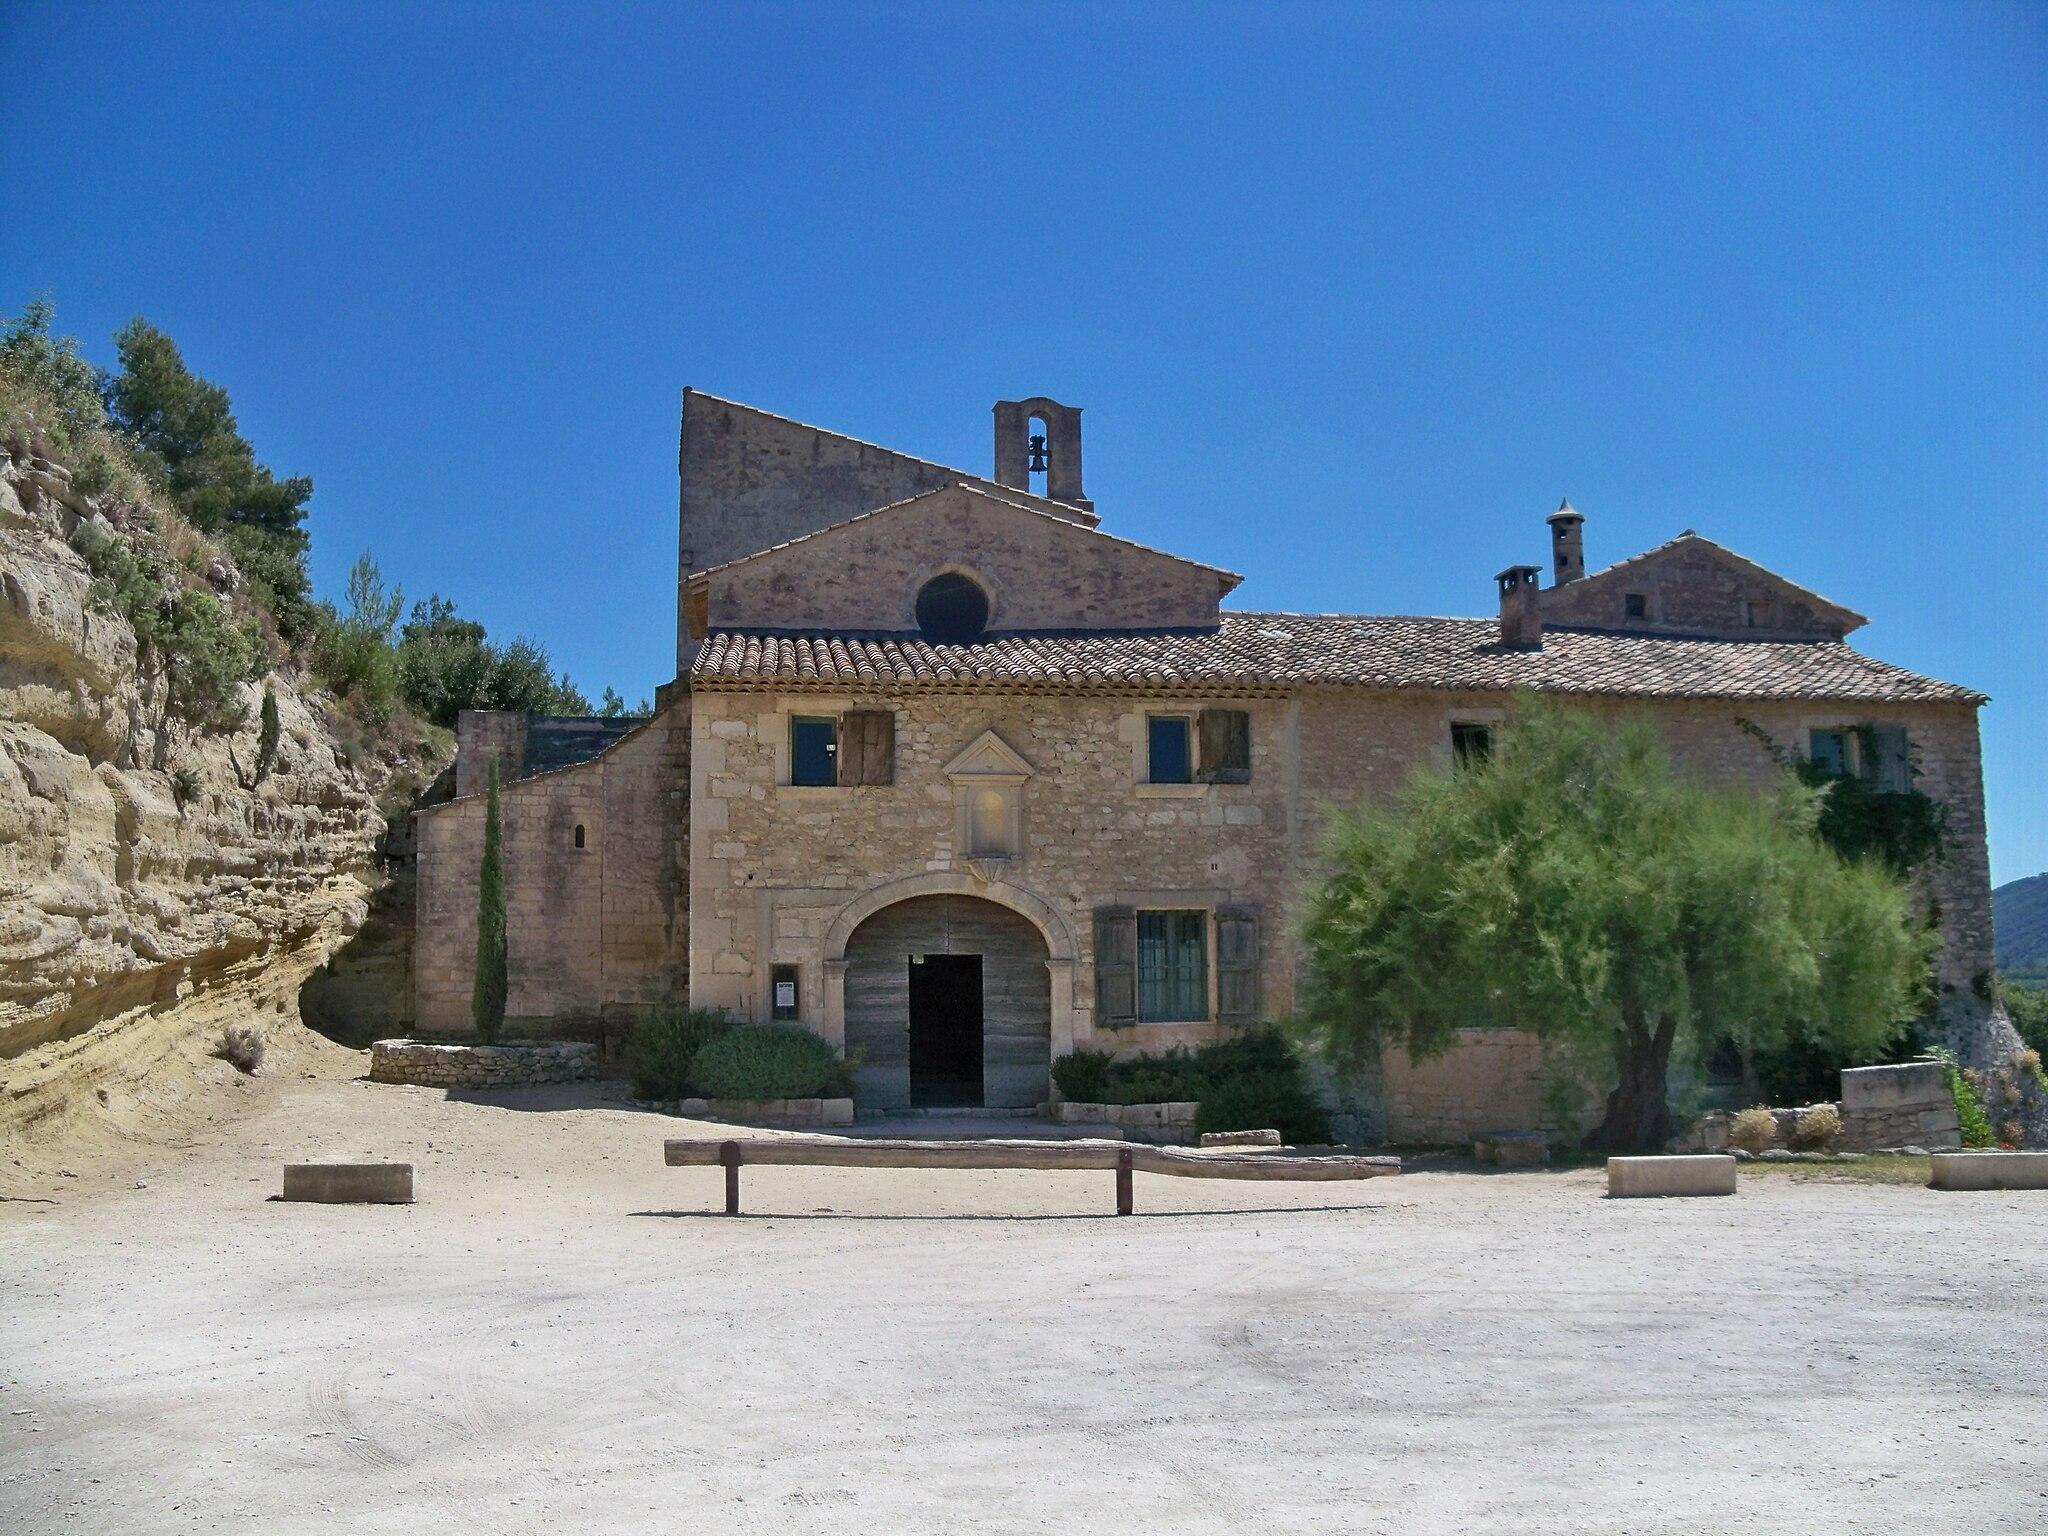 Saint Hilaire à Ménerebes